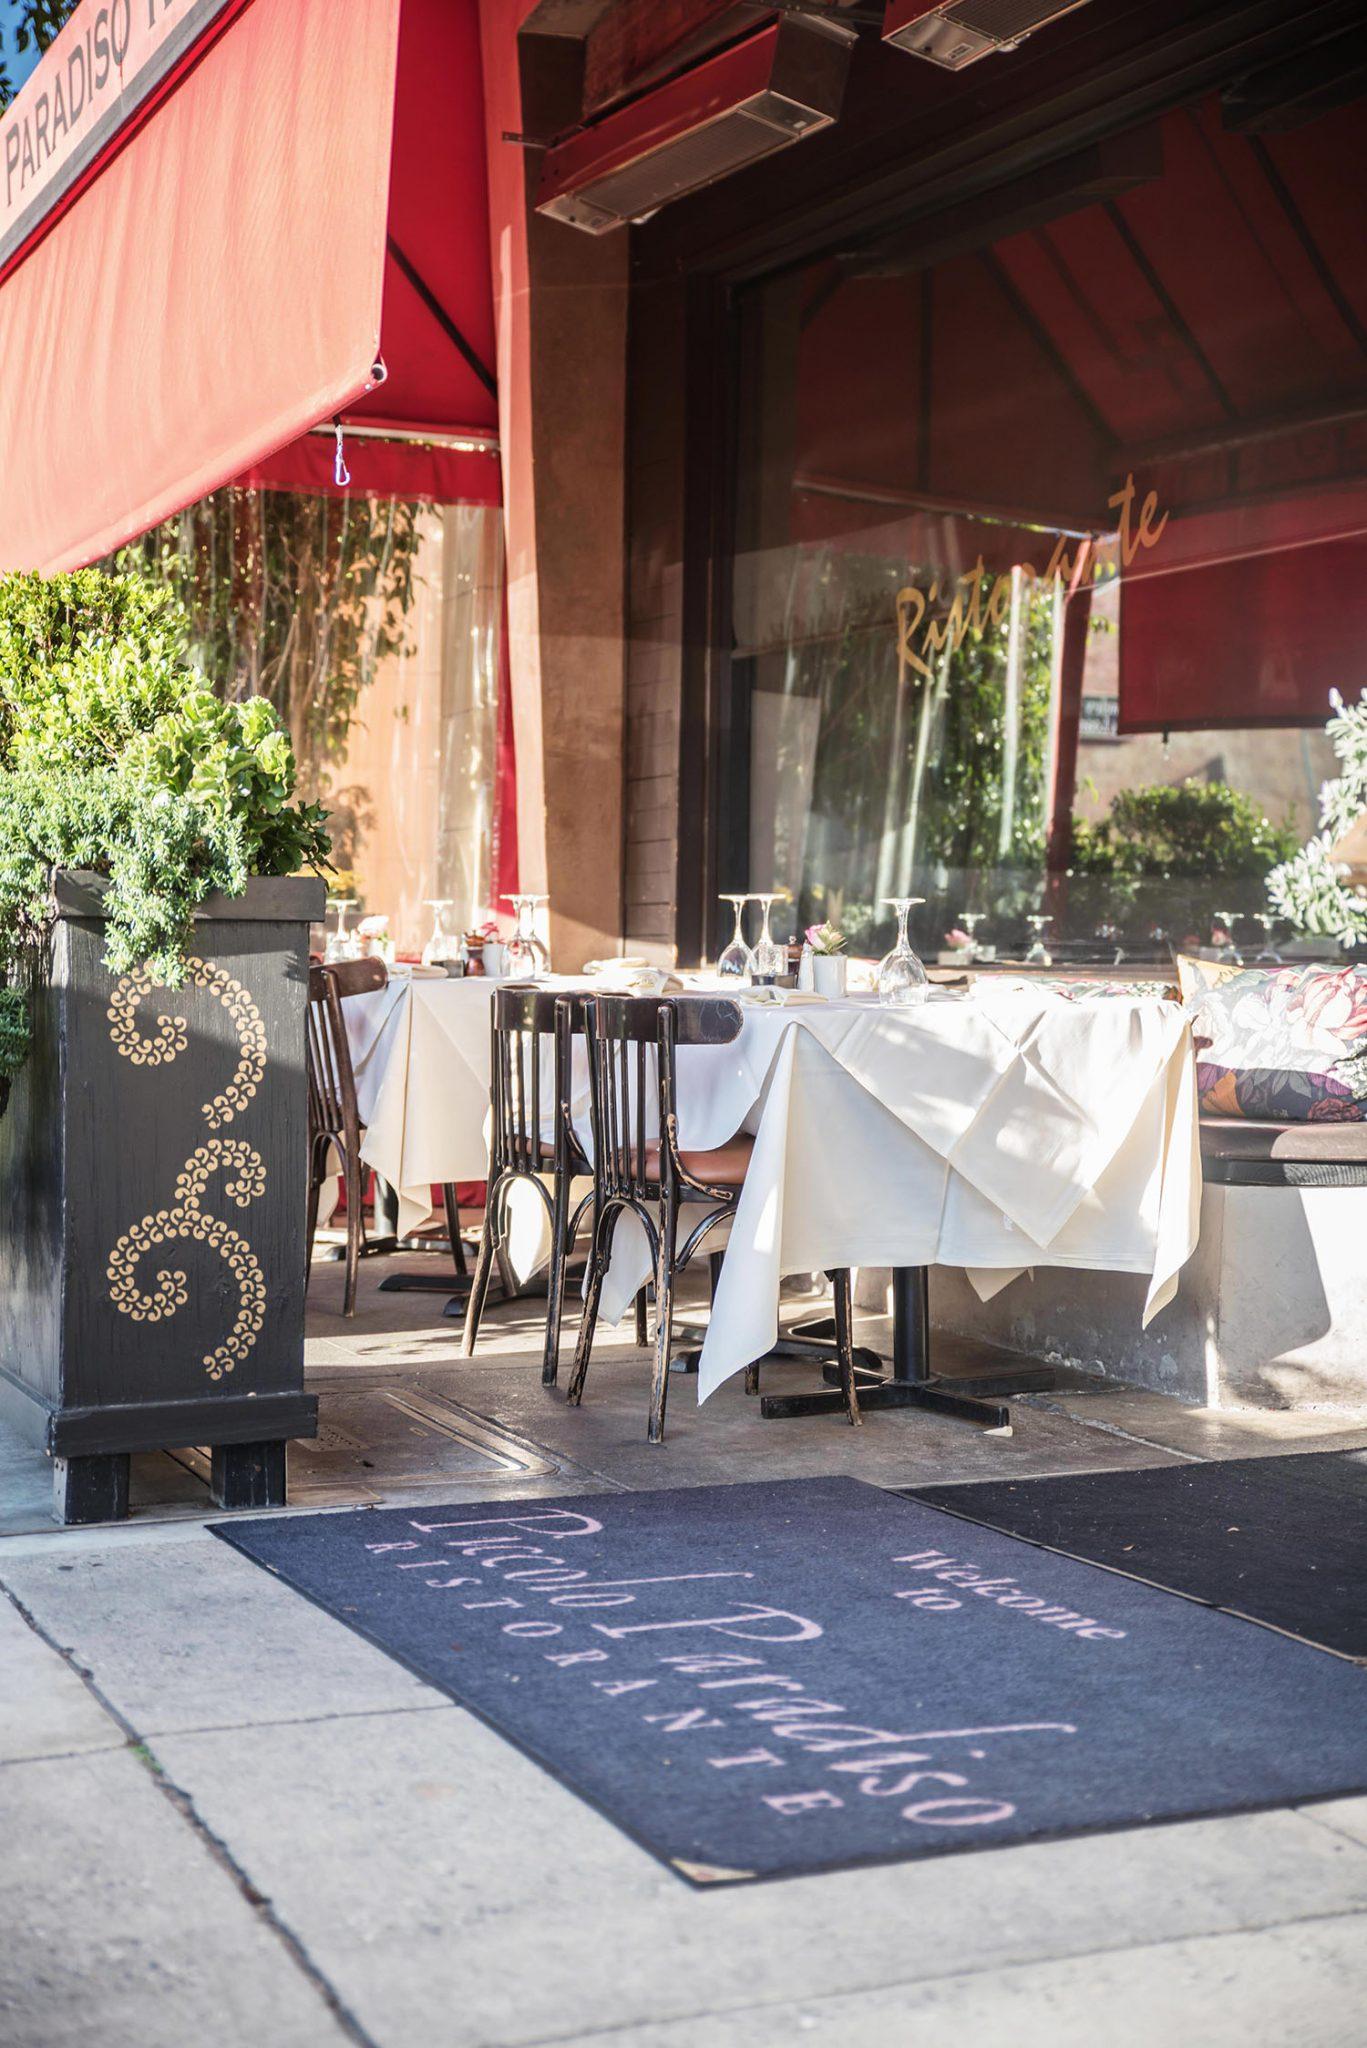 Piccolo Paradiso Ristorante in Beverly Hills by Giacomino Drago-840791453